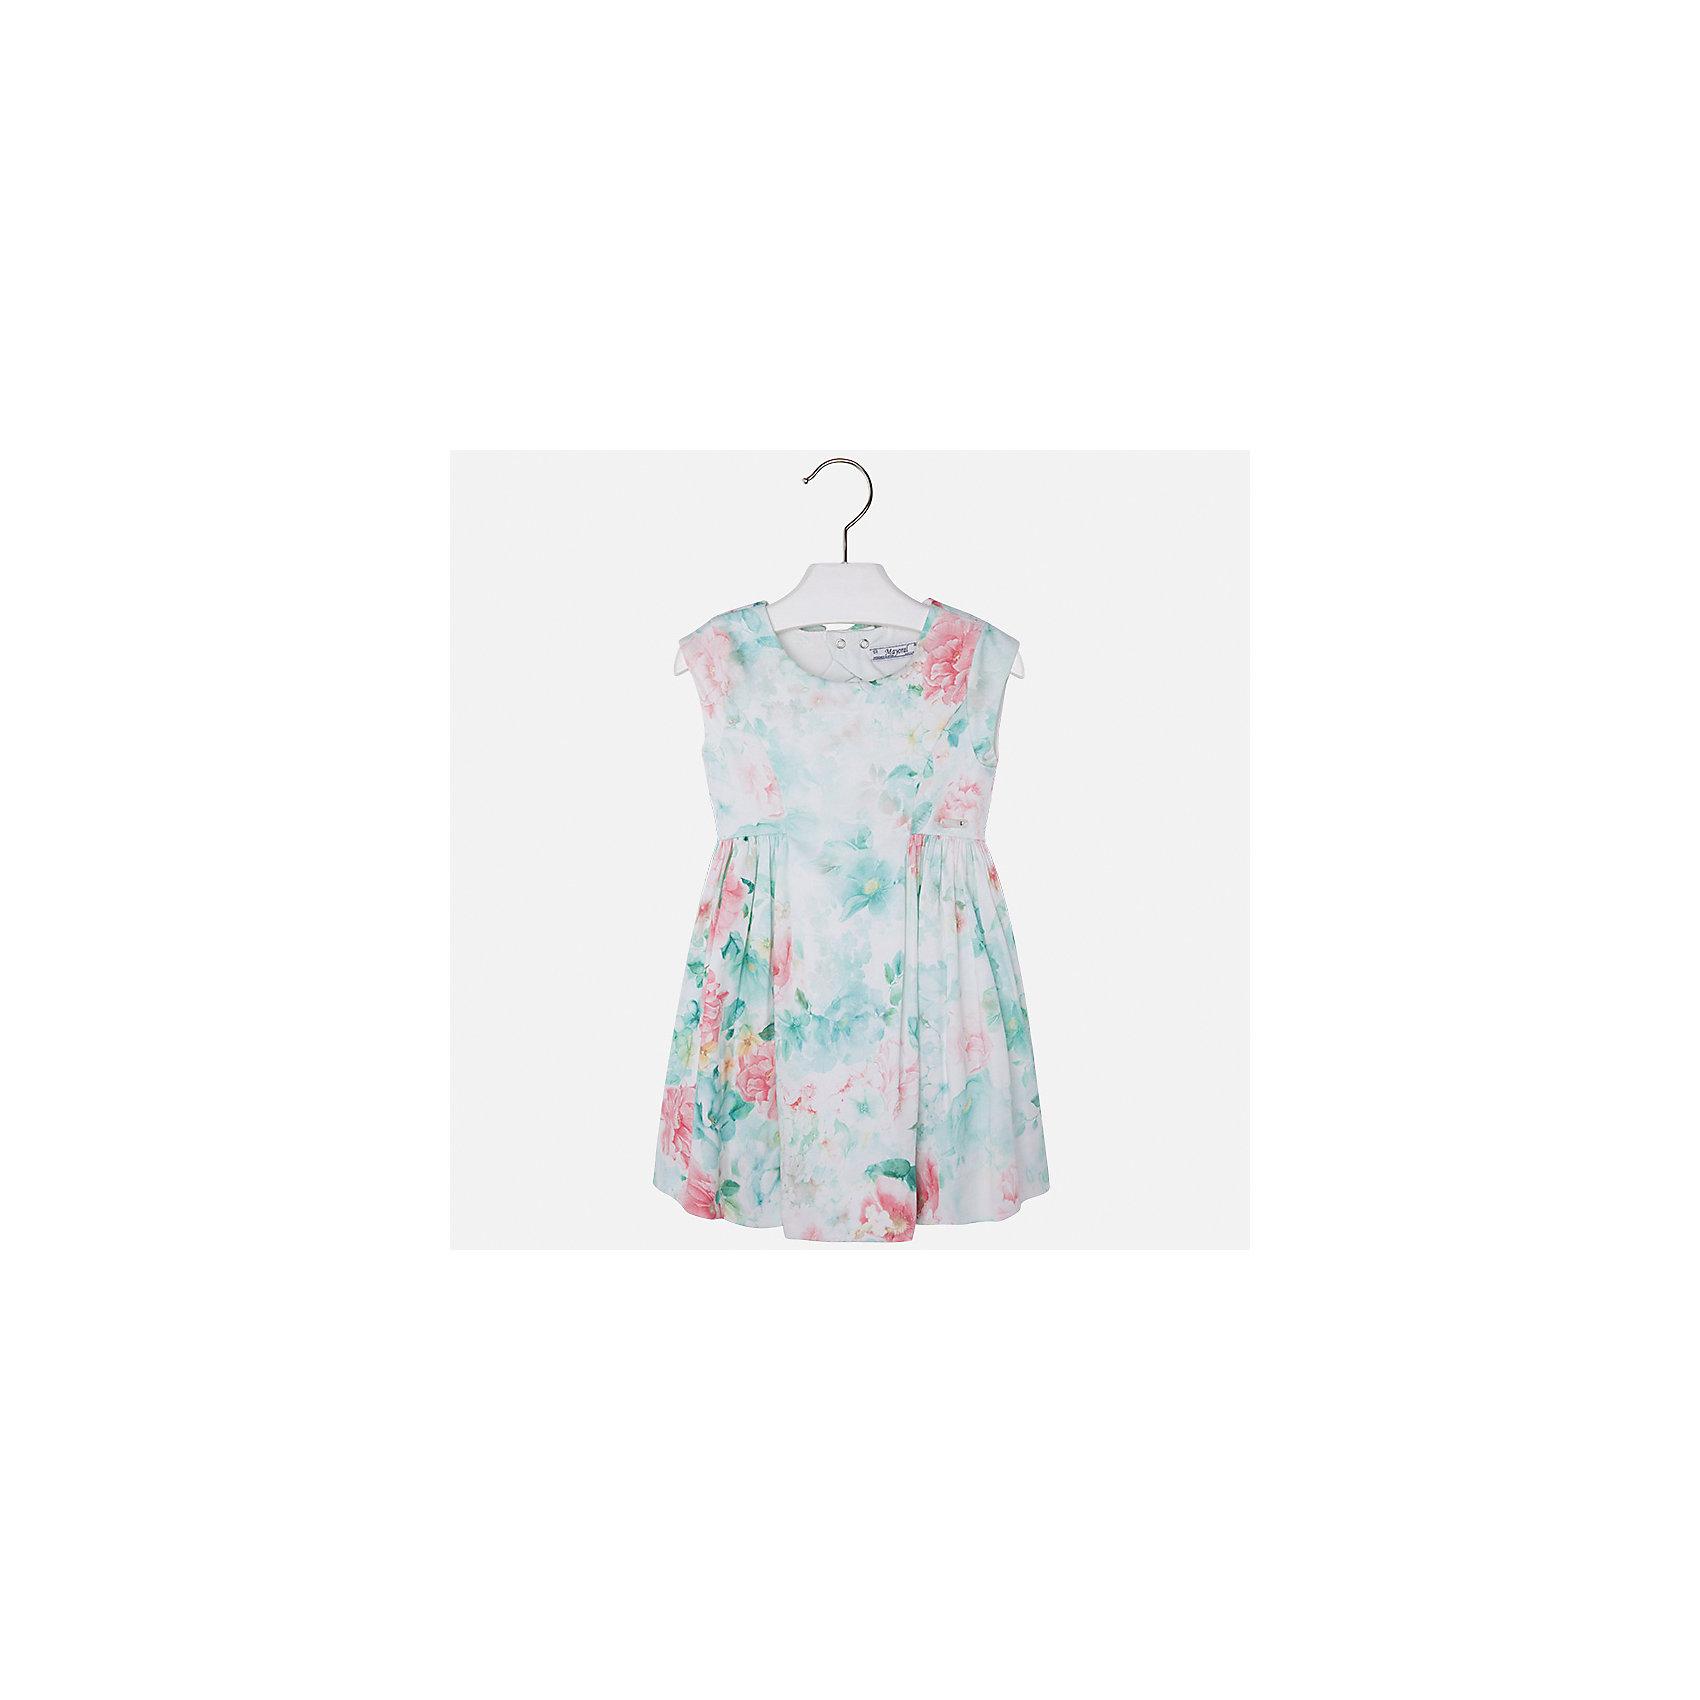 Платье для девочки MayoralПлатья и сарафаны<br>Характеристики товара:<br><br>• цвет: зеленый принт<br>• состав: 97% хлопок, 3% эластан, подкладка - 65% полиэстер, 35% хлопок<br>• застежка: молния<br>• легкий материал<br>• цветочный рисунок<br>• без рукавов<br>• с подкладкой<br>• страна бренда: Испания<br><br>Красивое легкое платье для девочки поможет разнообразить гардероб ребенка и создать эффектный наряд. Оно подойдет и для торжественных случаев, может быть и как ежедневный наряд. Красивый оттенок позволяет подобрать к вещи обувь разных расцветок. В составе материала подкладки - натуральный хлопок, гипоаллергенный, приятный на ощупь, дышащий. Платье хорошо сидит по фигуре.<br><br>Одежда, обувь и аксессуары от испанского бренда Mayoral полюбились детям и взрослым по всему миру. Модели этой марки - стильные и удобные. Для их производства используются только безопасные, качественные материалы и фурнитура. Порадуйте ребенка модными и красивыми вещами от Mayoral! <br><br>Платье для девочки от испанского бренда Mayoral (Майорал) можно купить в нашем интернет-магазине.<br><br>Ширина мм: 236<br>Глубина мм: 16<br>Высота мм: 184<br>Вес г: 177<br>Цвет: синий<br>Возраст от месяцев: 96<br>Возраст до месяцев: 108<br>Пол: Женский<br>Возраст: Детский<br>Размер: 134,92,98,104,110,116,122,128<br>SKU: 5291135